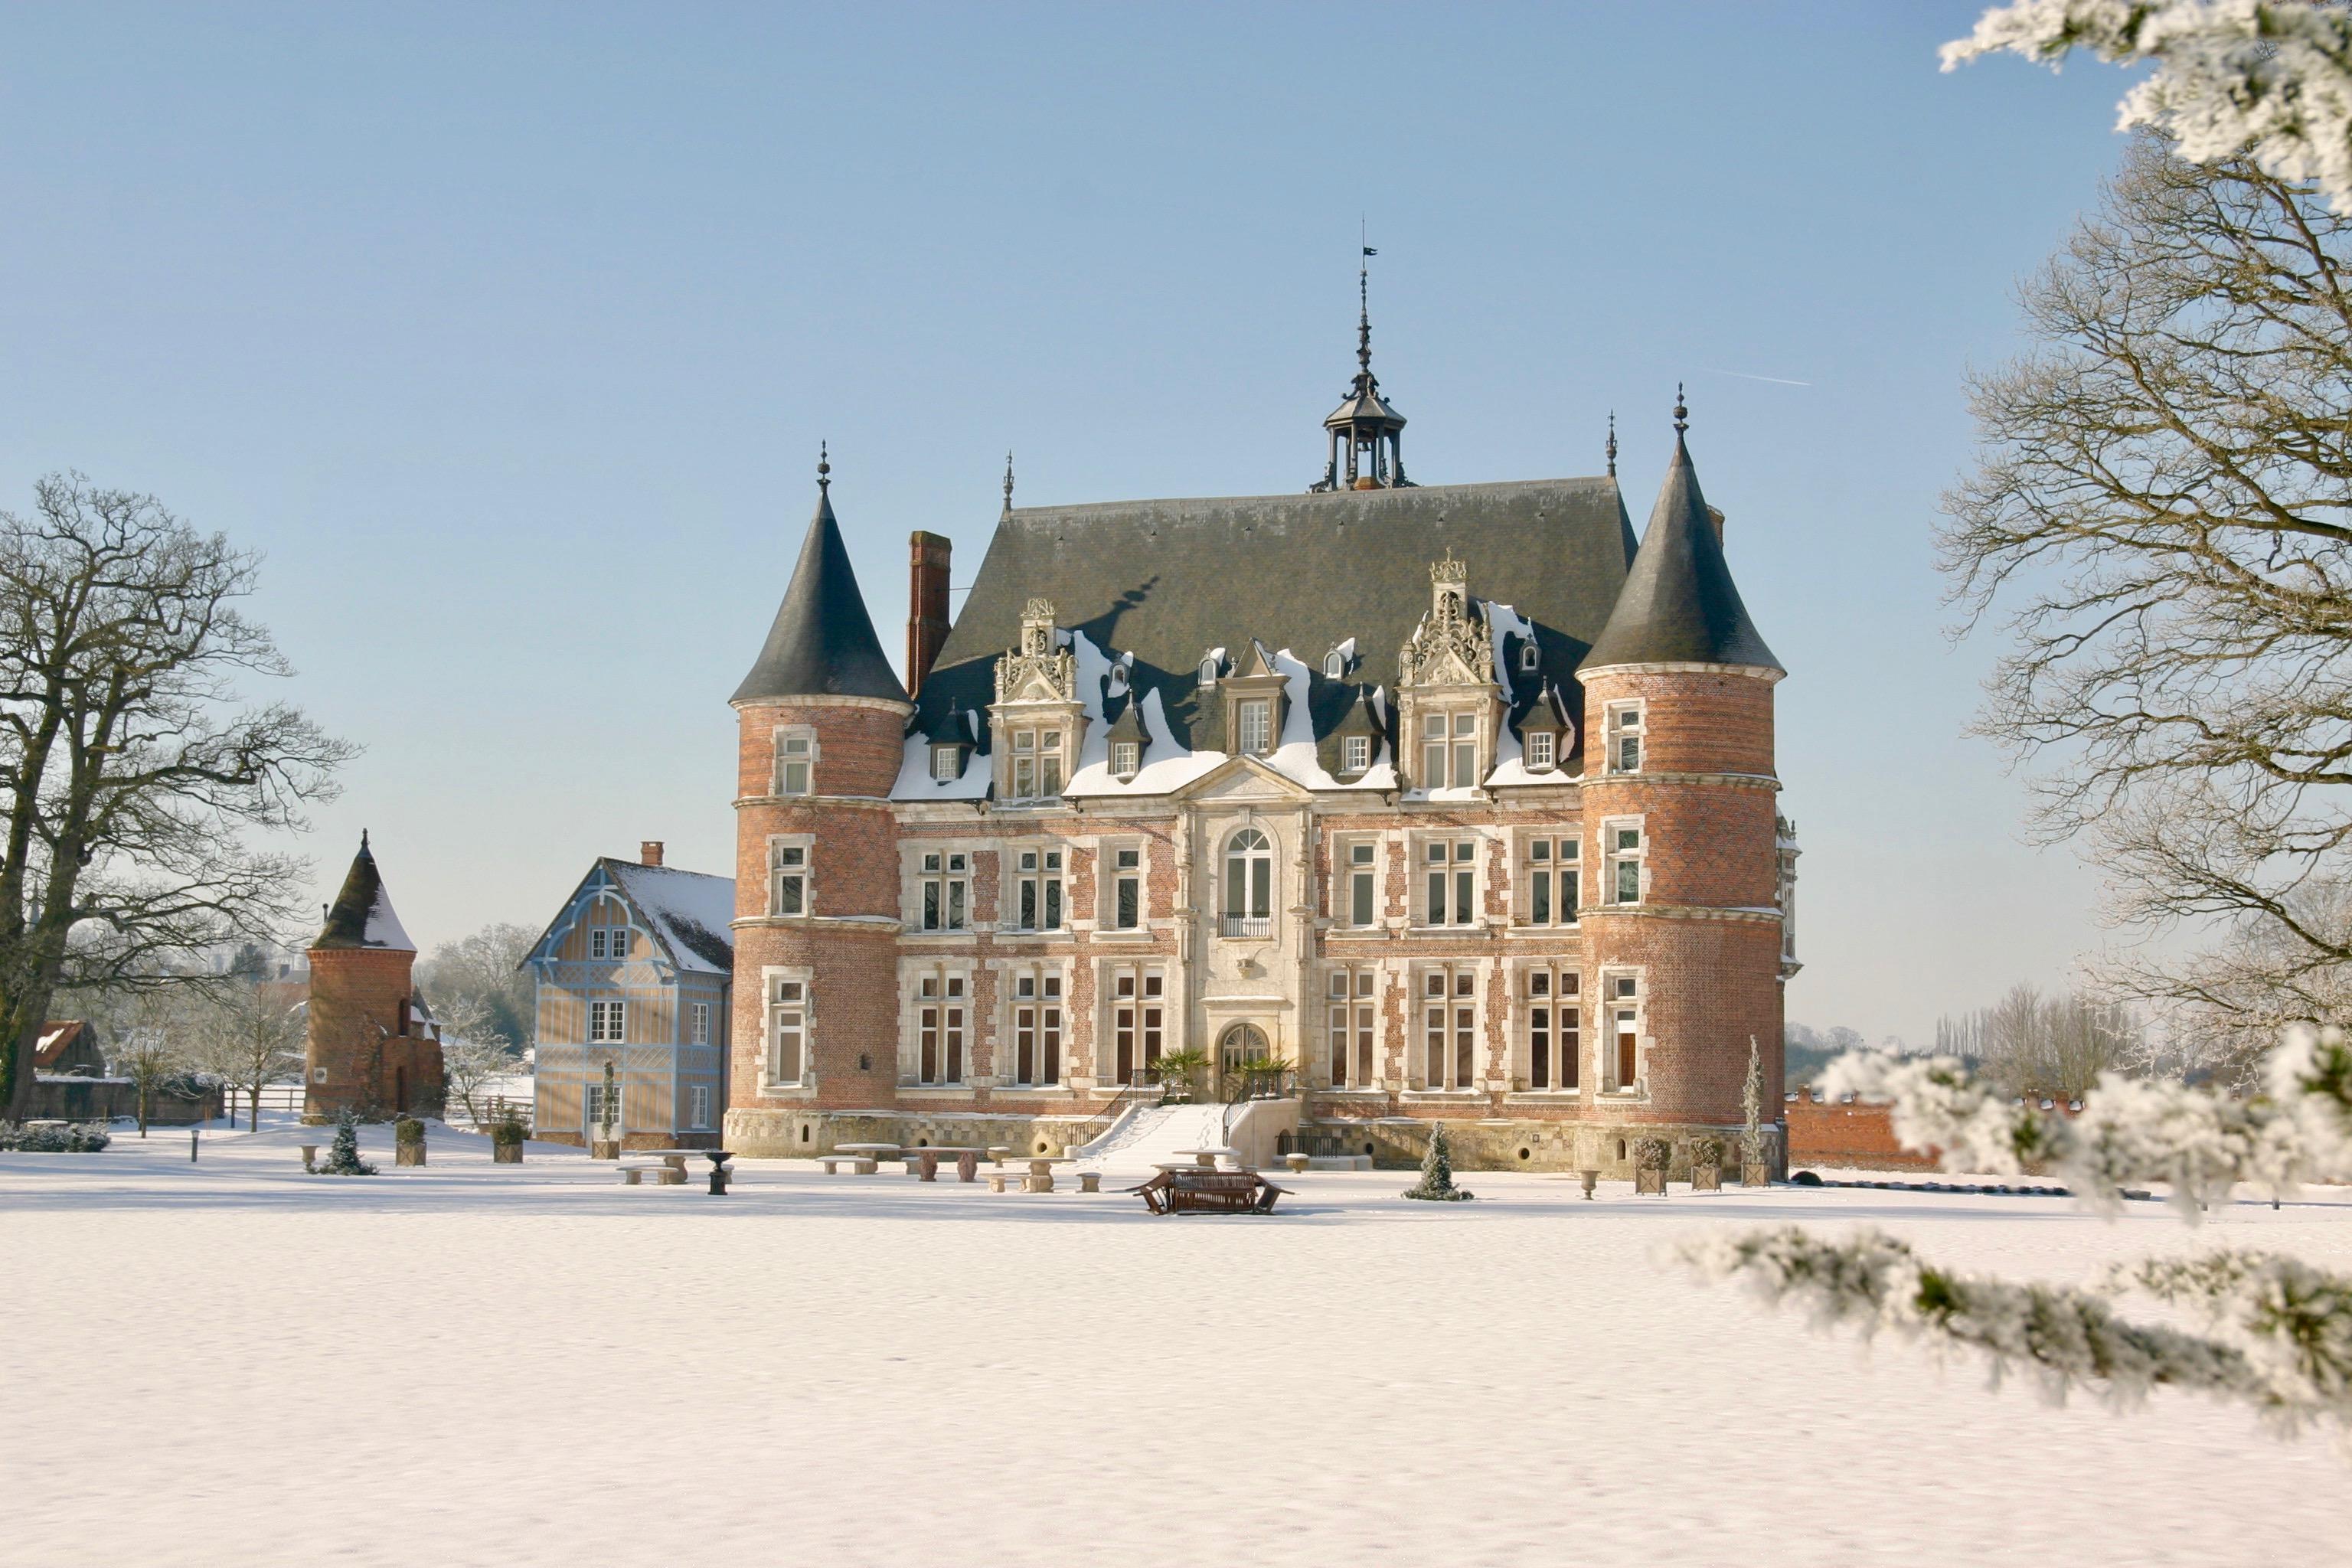 Château Tilly - Présentation - Extérieur - Neige